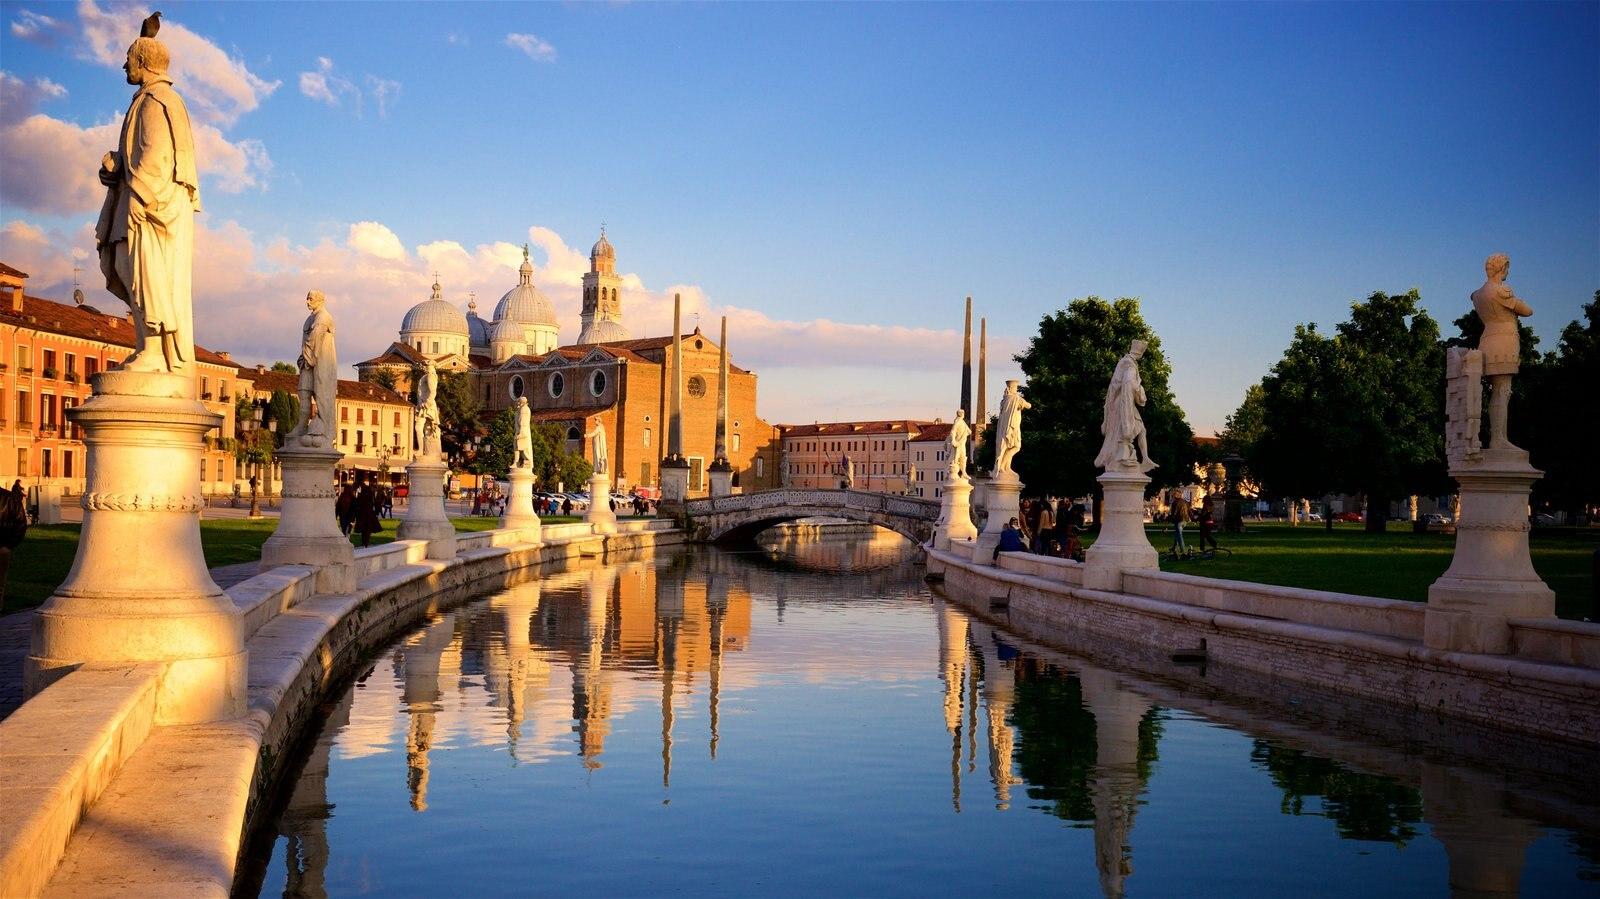 Prato della Valle que incluye una puesta de sol, patrimonio de arquitectura y una estatua o escultura